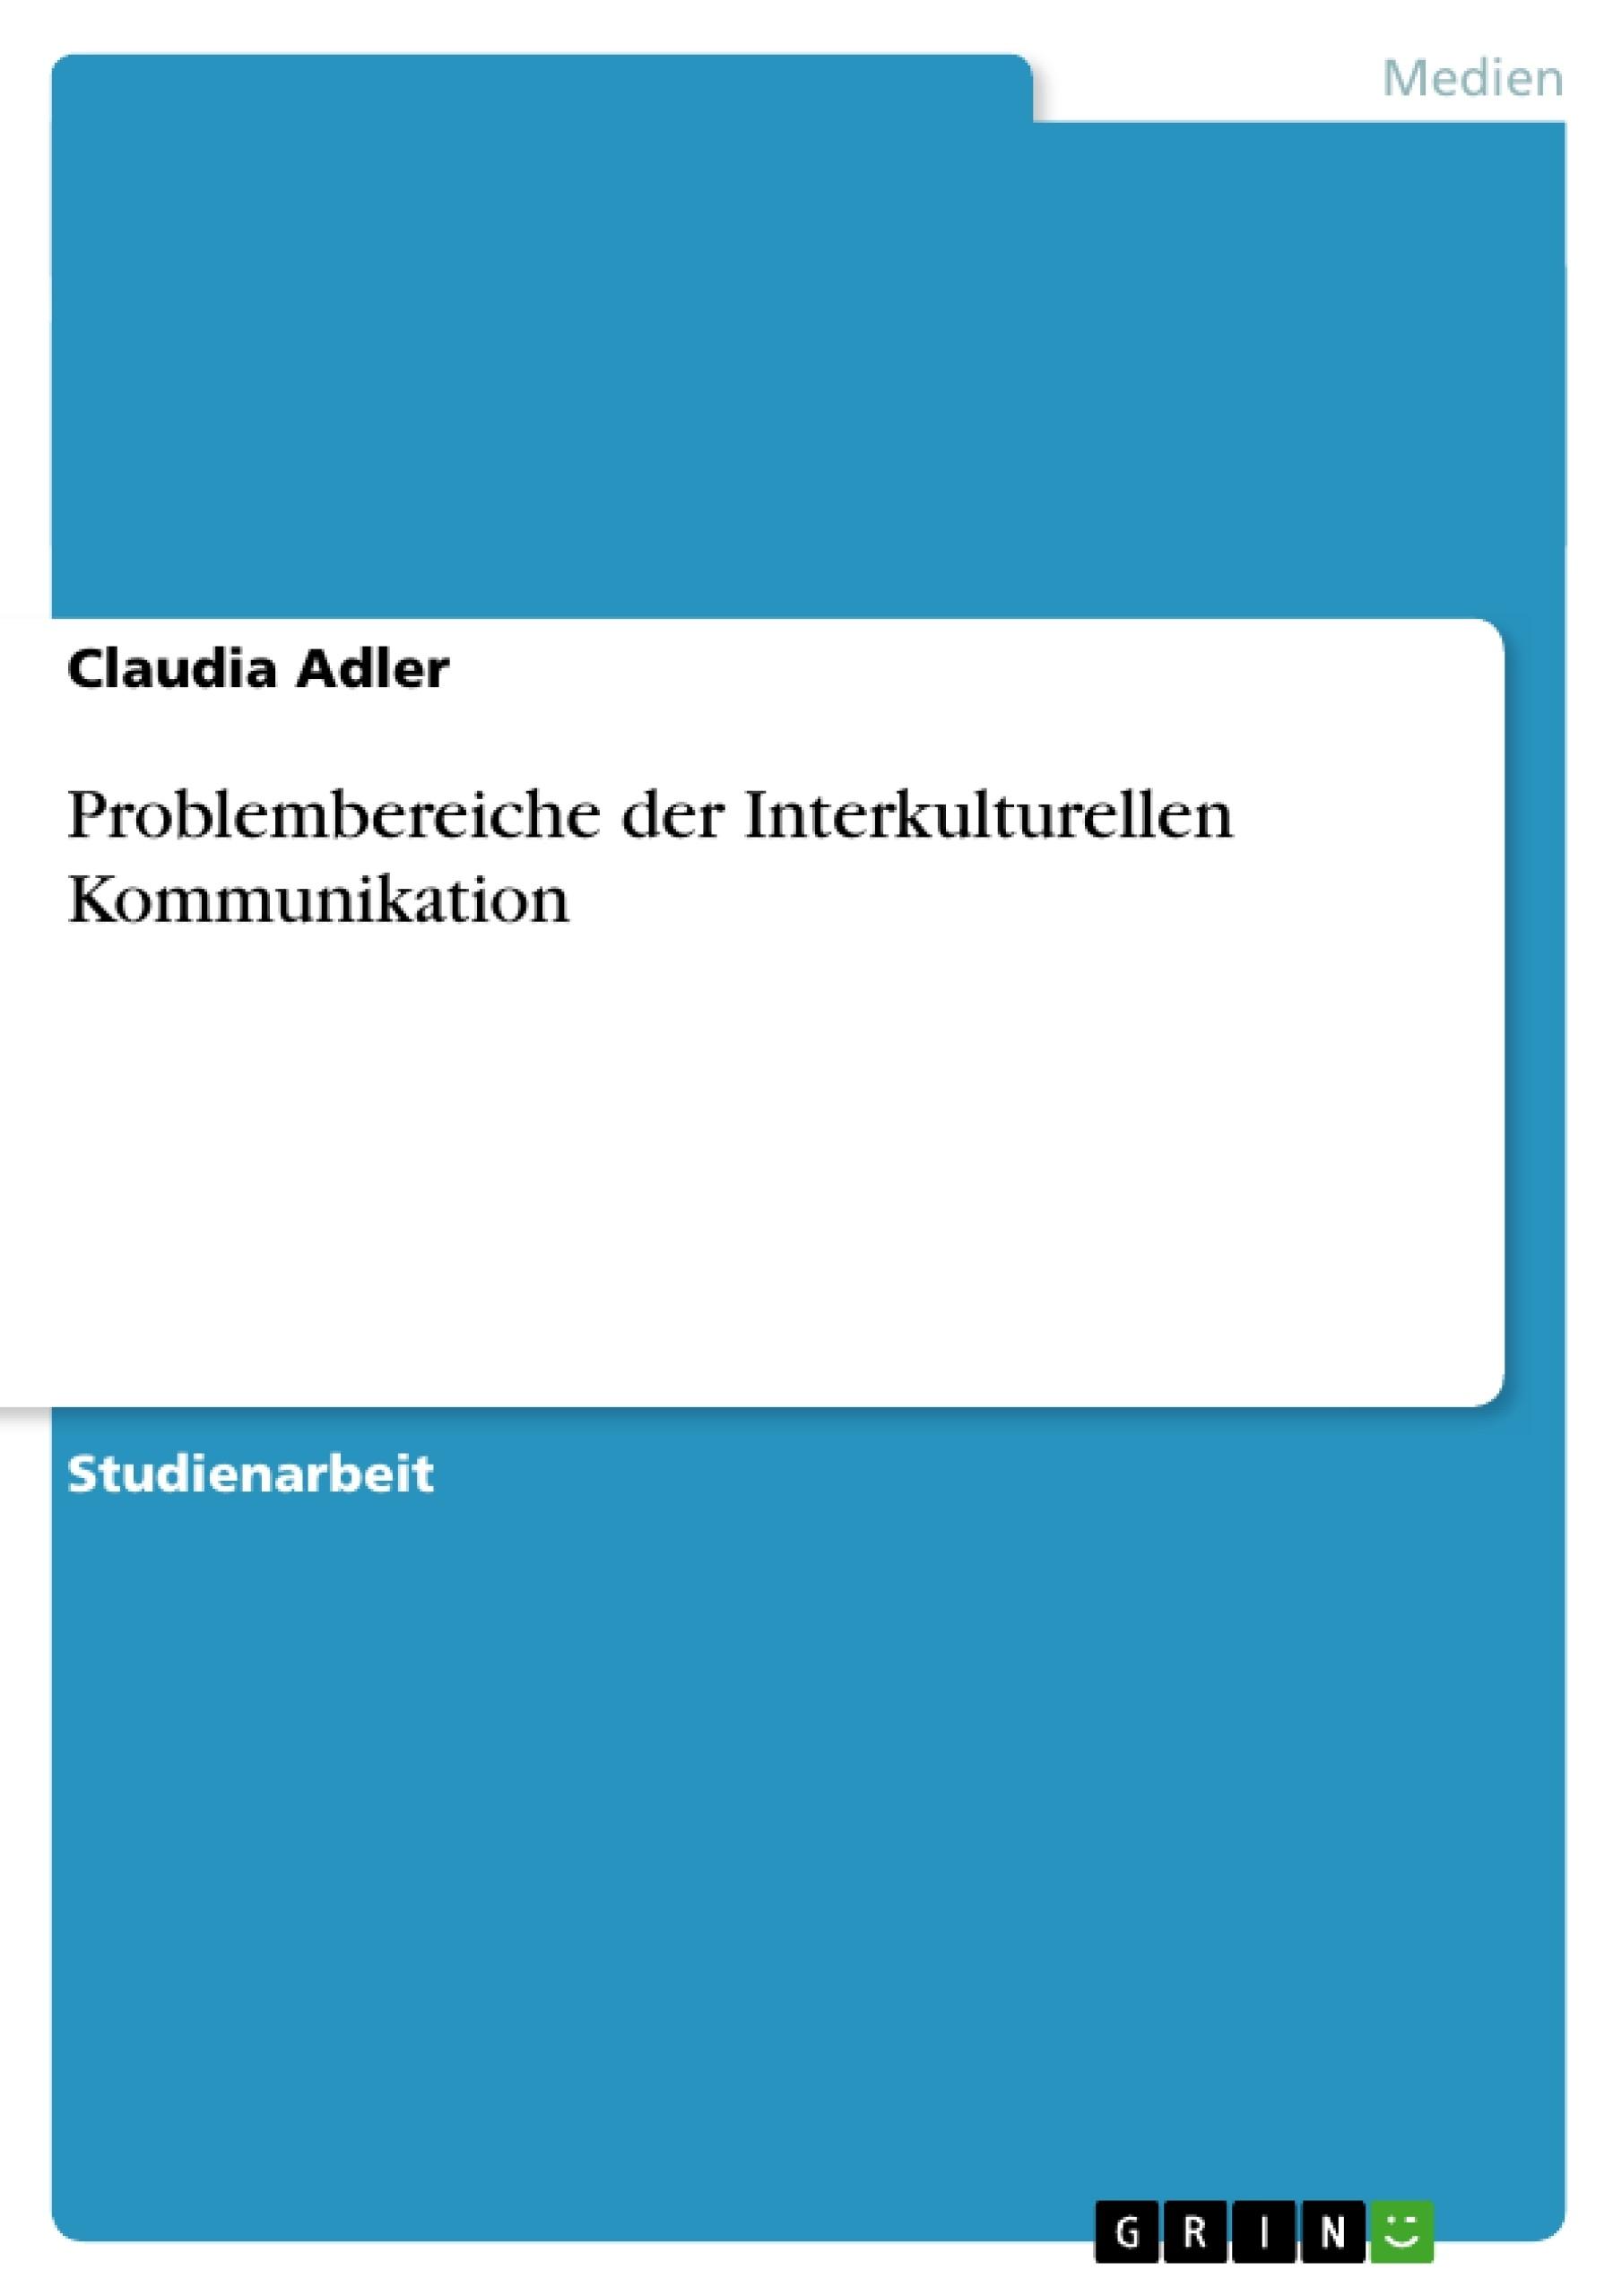 Titel: Problembereiche der Interkulturellen Kommunikation